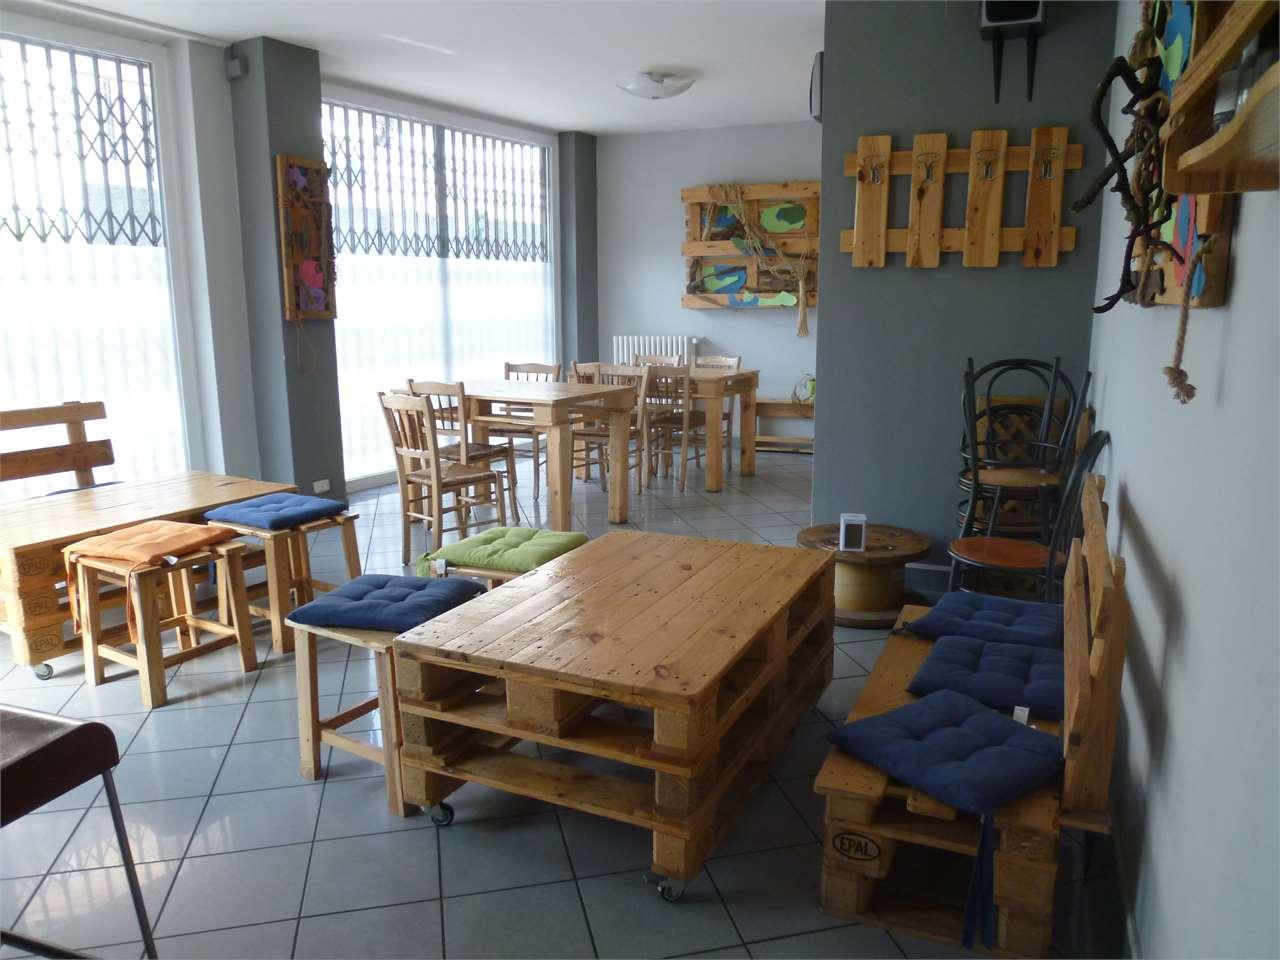 Negozio / Locale in affitto a Cadorago, 1 locali, prezzo € 550 | CambioCasa.it